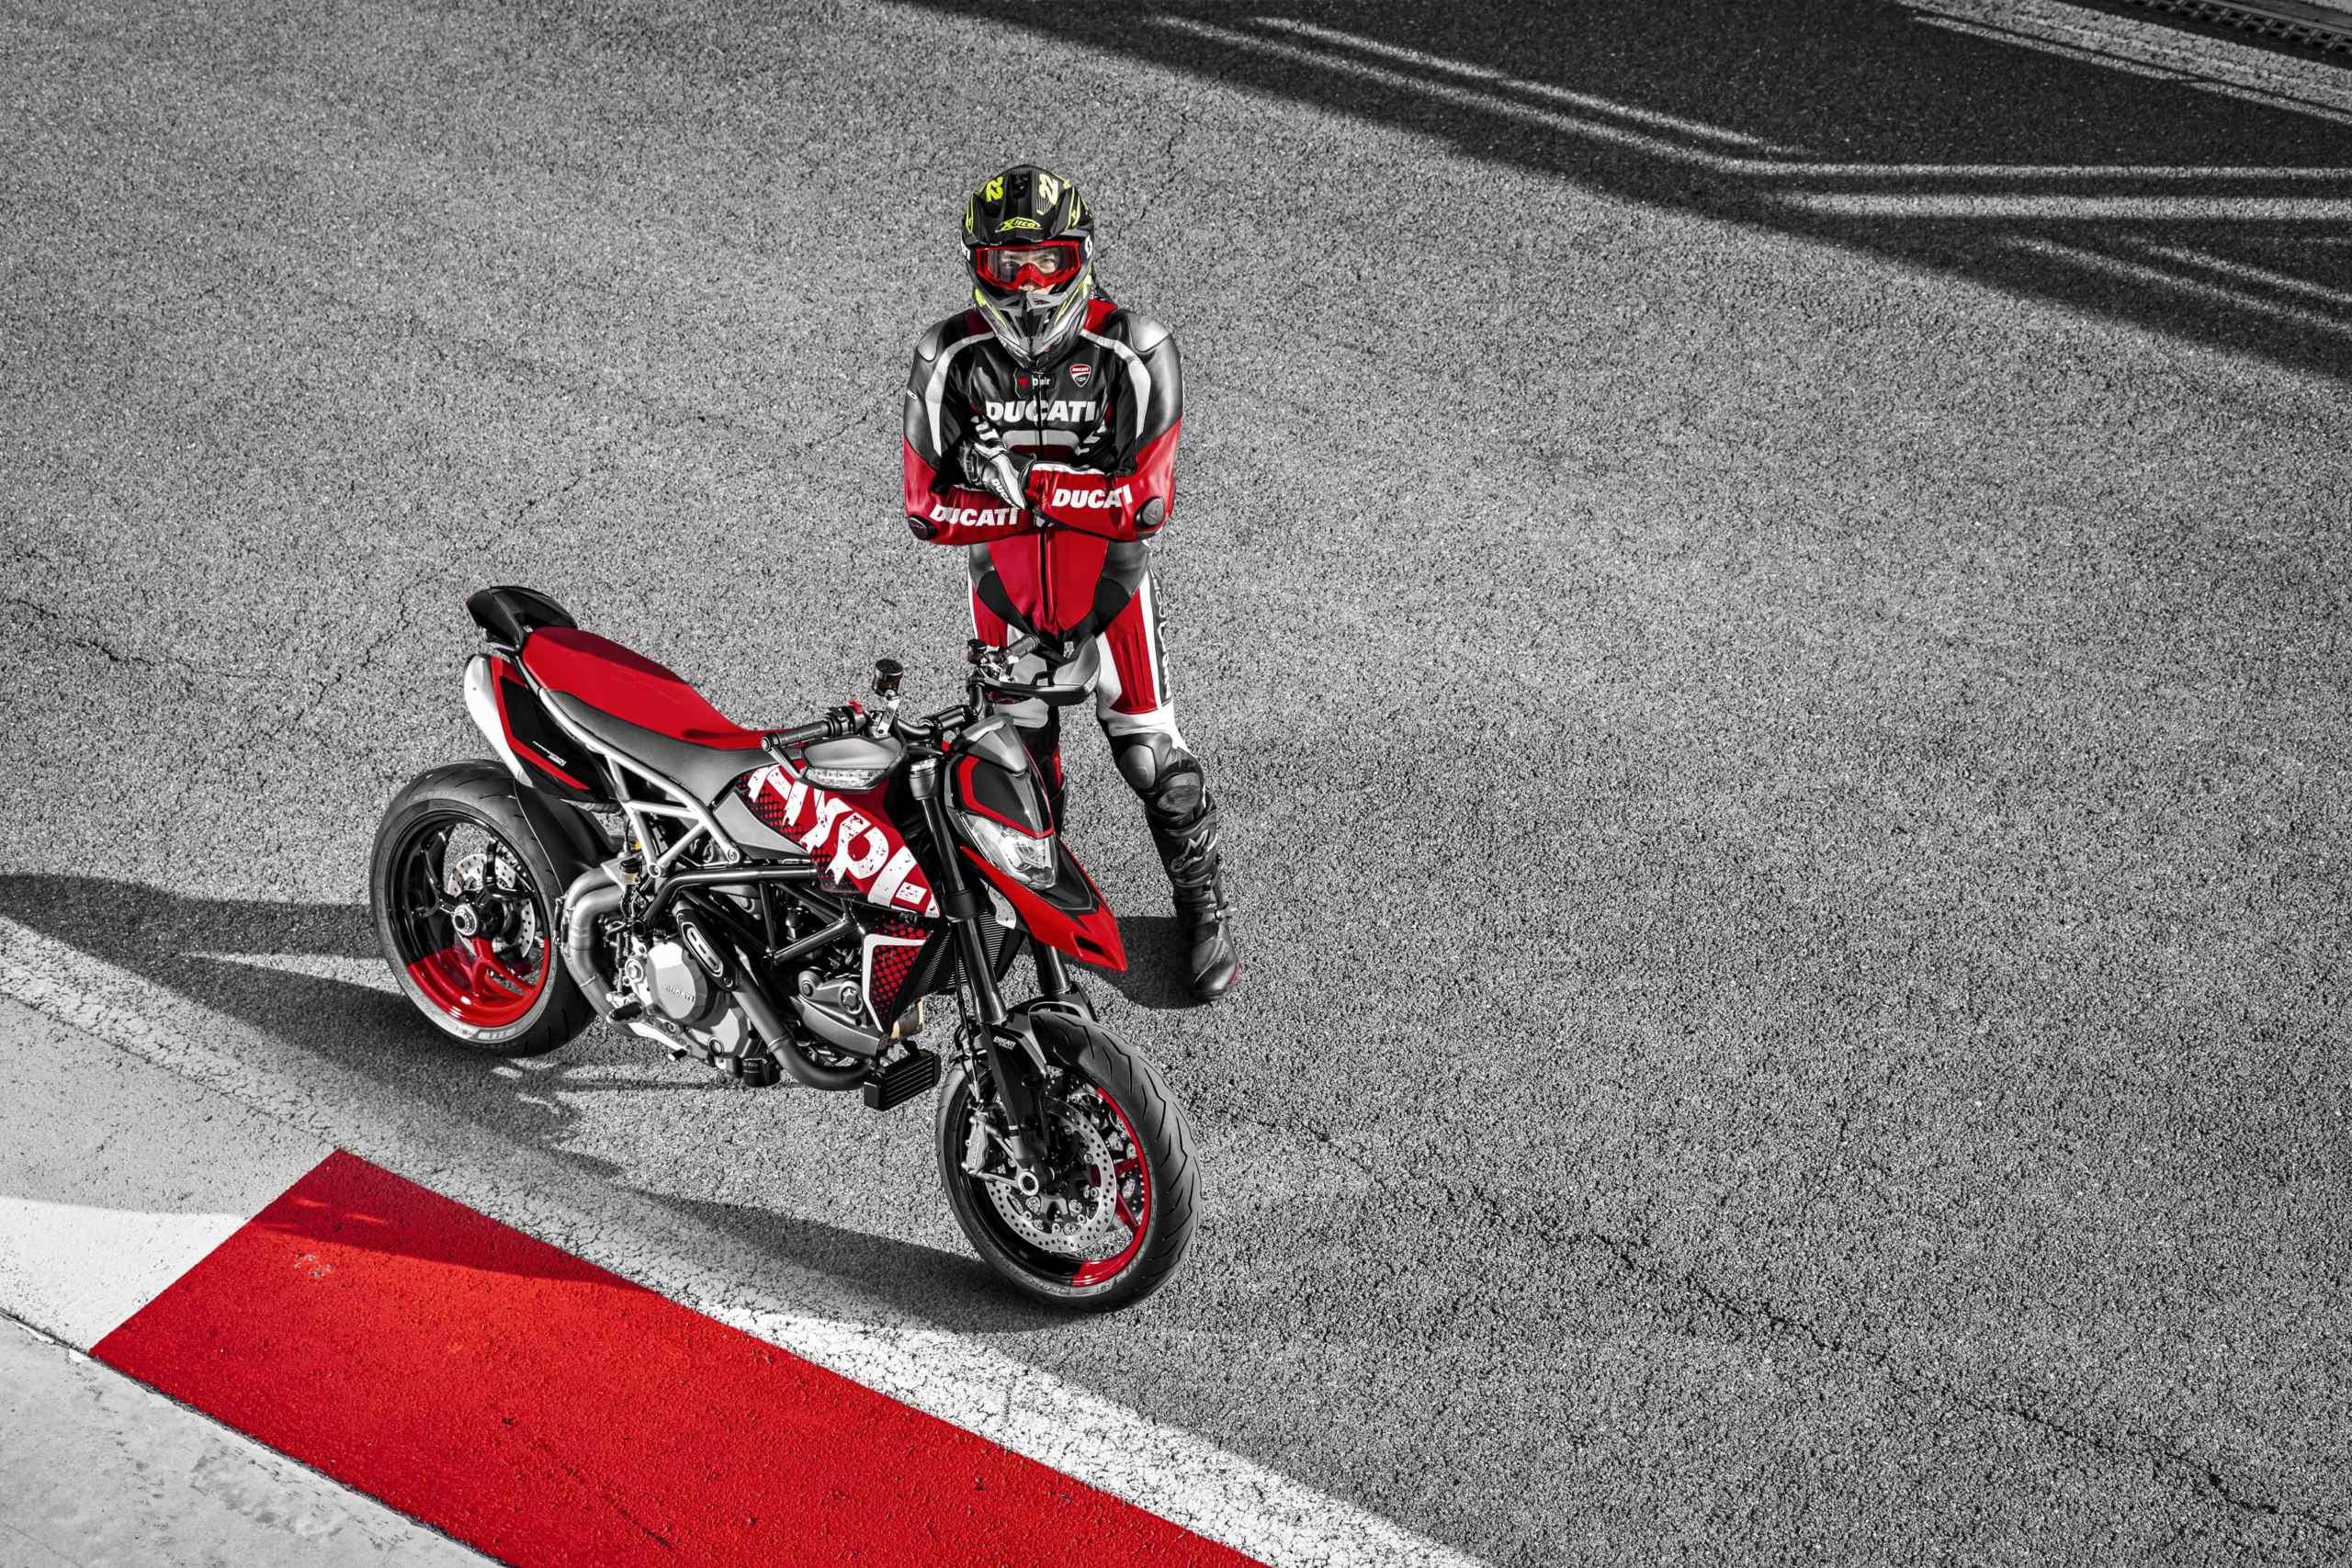 Ducati Hypermotard 950 RVE  Ducati43